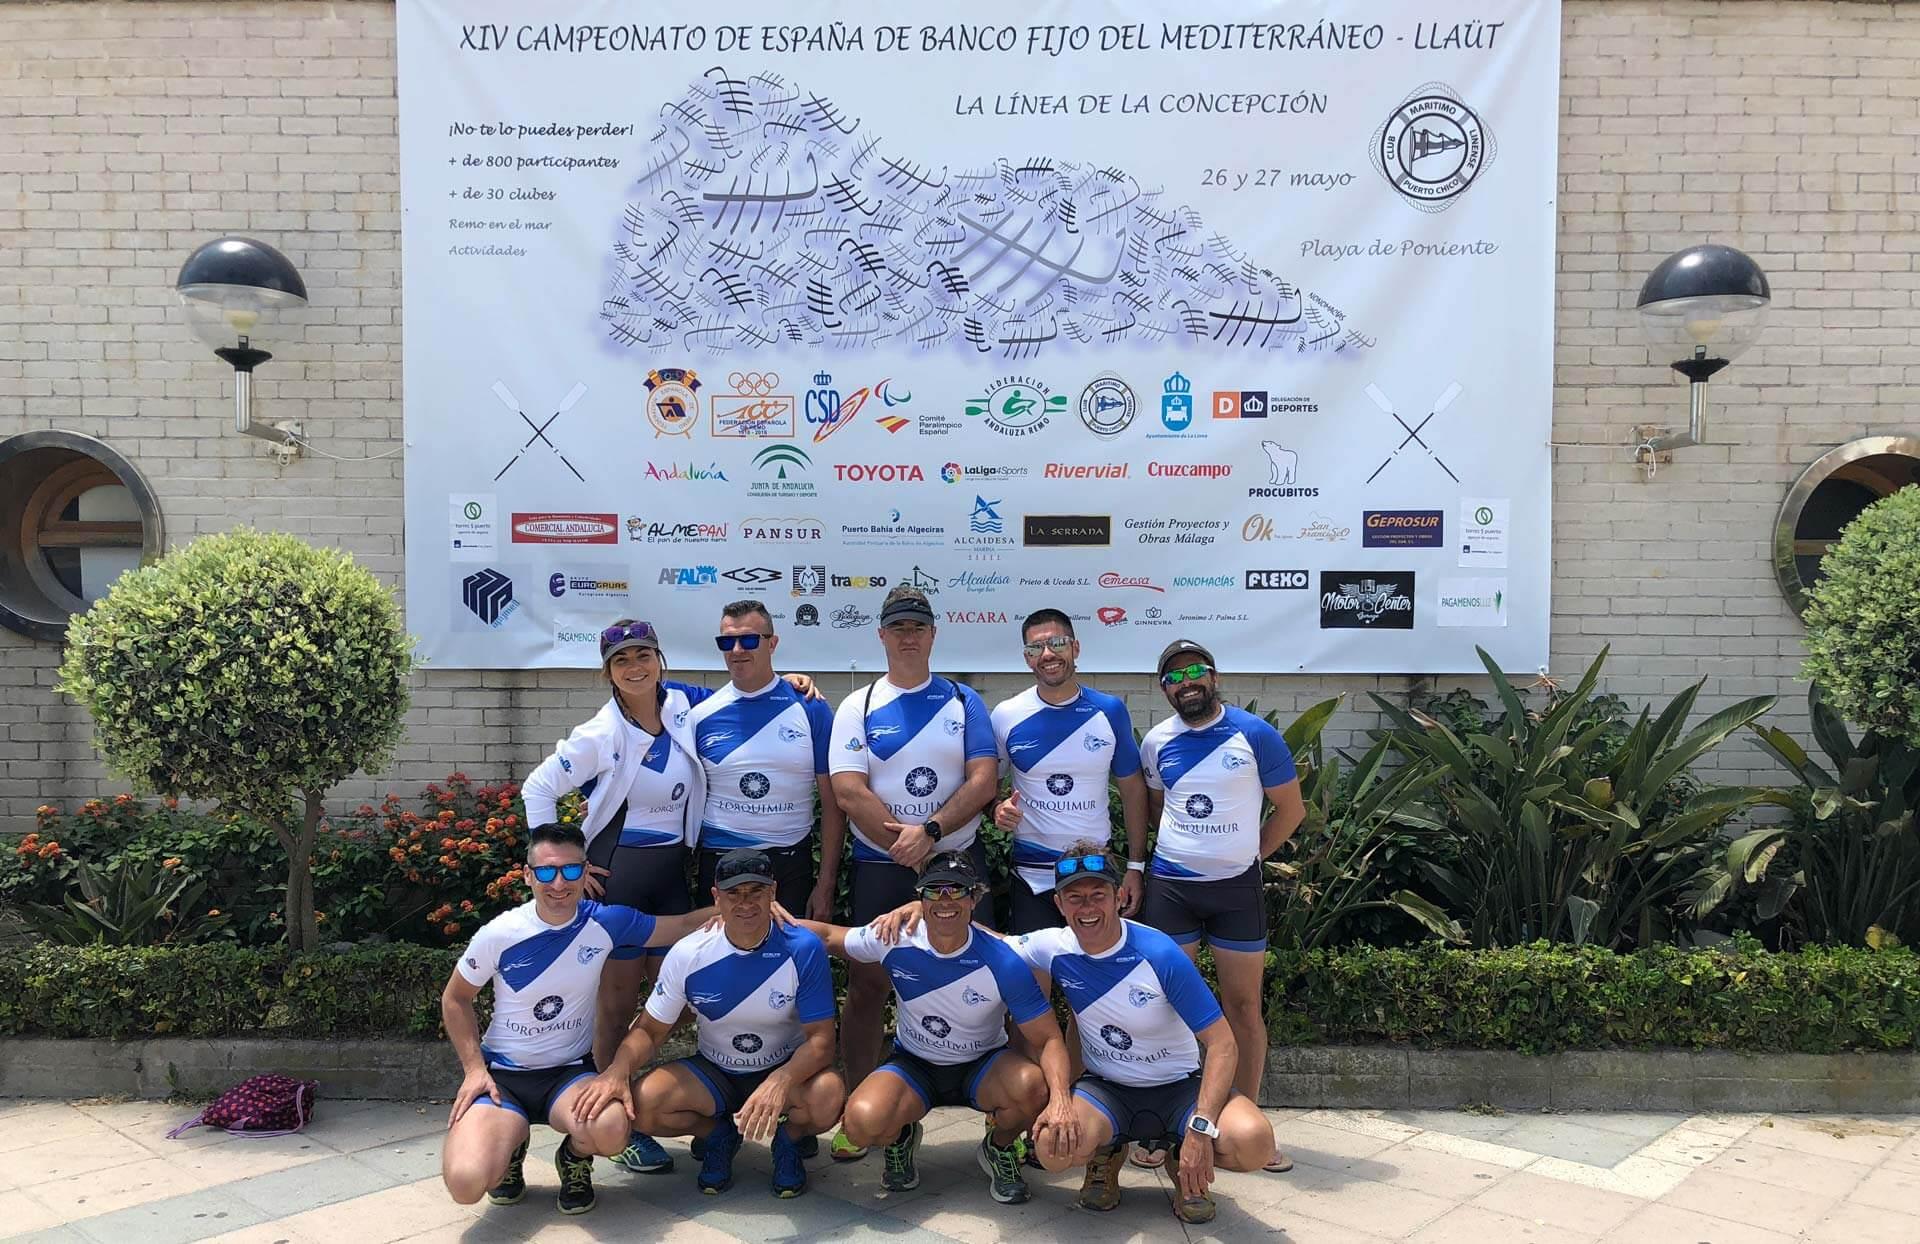 XIV Campeonato de España de Llaüt